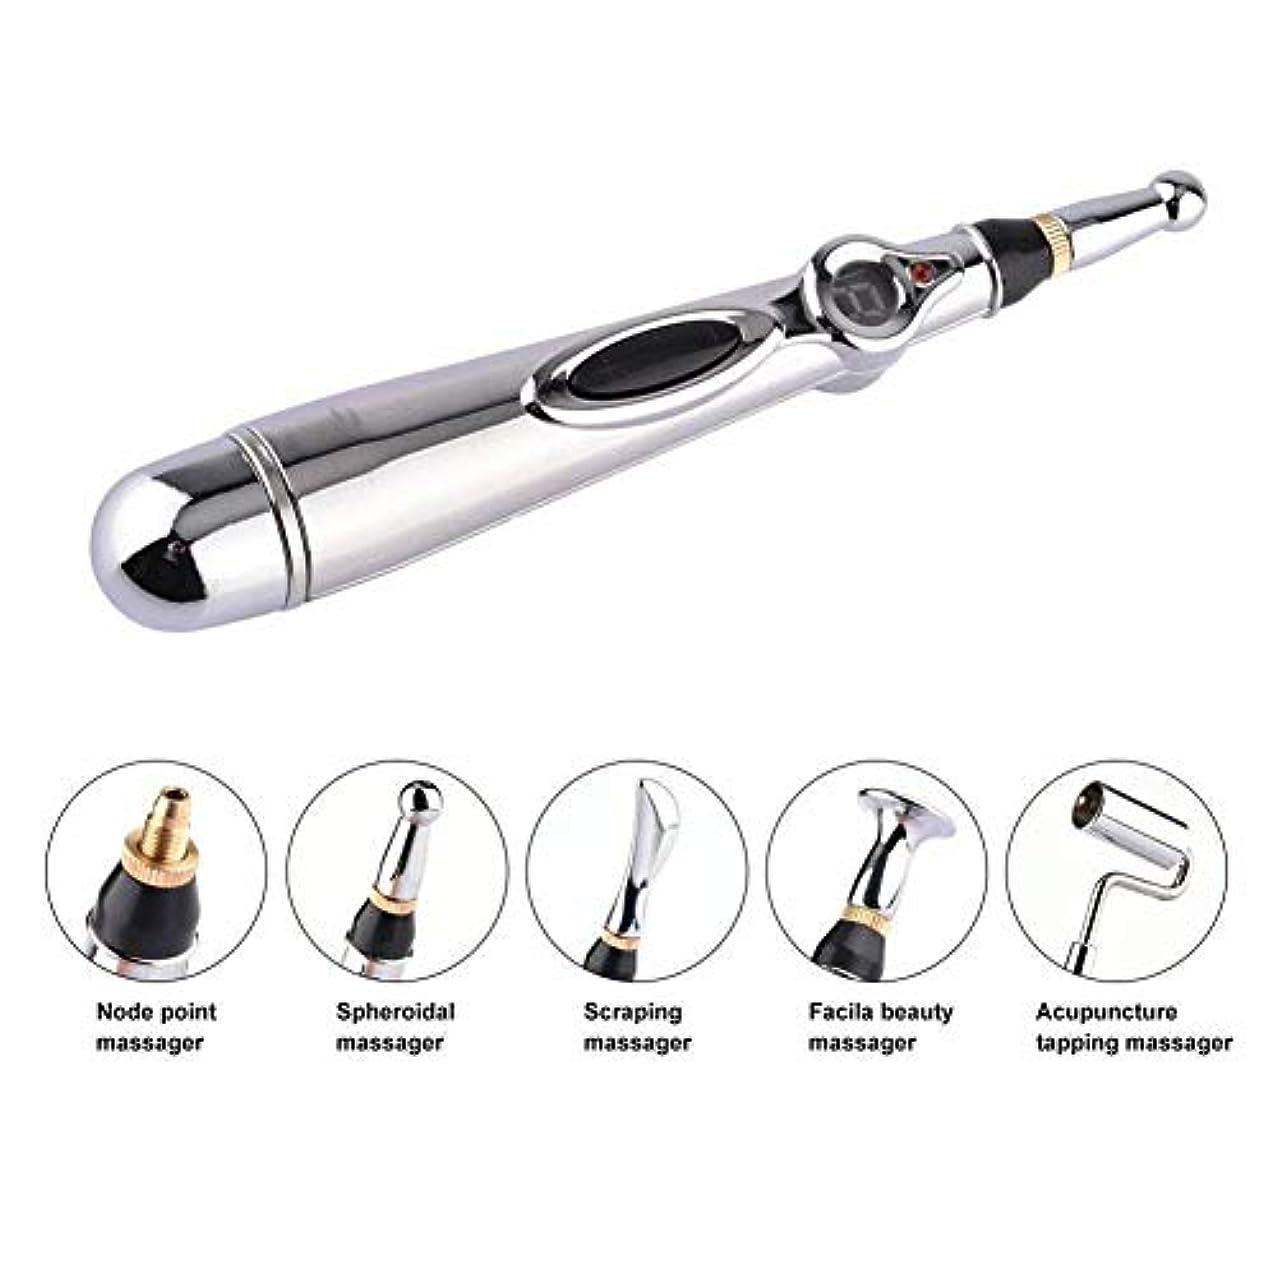 感嘆クラシック事業5-in-1電子鍼ペンMeridian Energy Pen Massager 5マッサージヘッド指圧マッサージで体の痛みを軽減